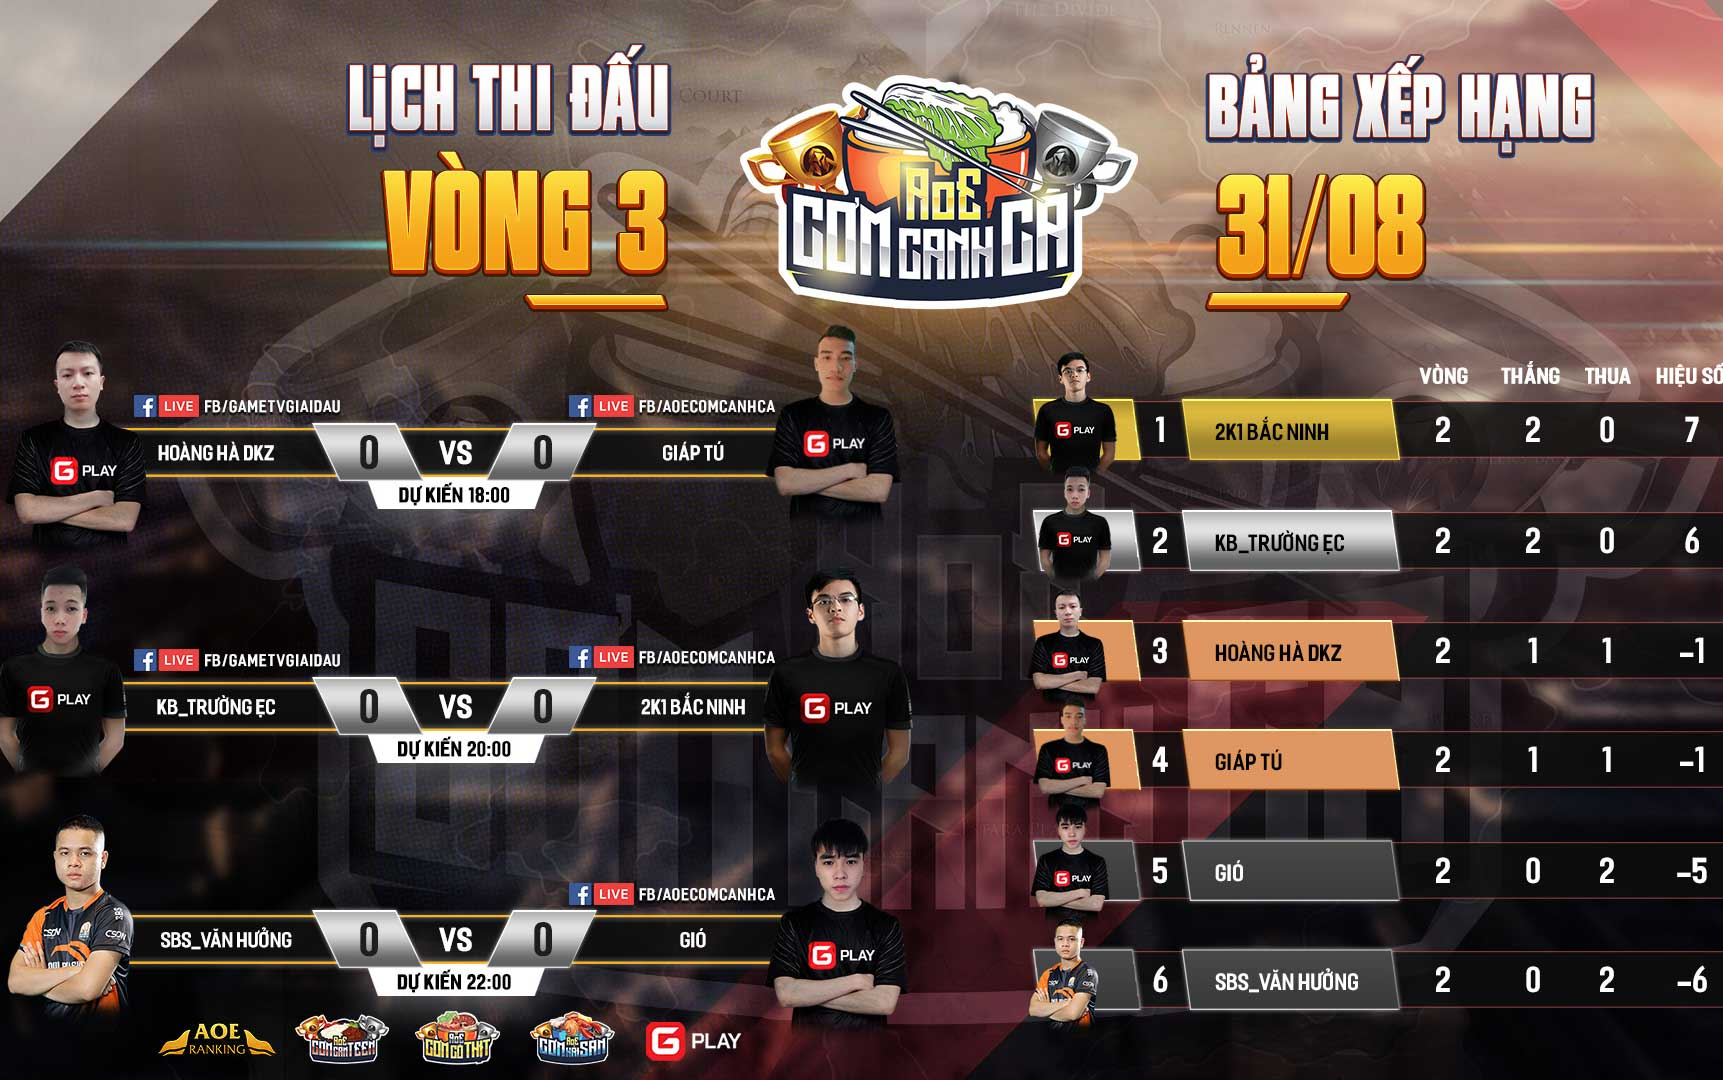 Lịch thi đấu vòng League giải AoE Cơm Canh Cà lần 3 ngày 3: Văn Hưởng xếp cuối cùng. U2k1 vươn lên dẫn đầu.